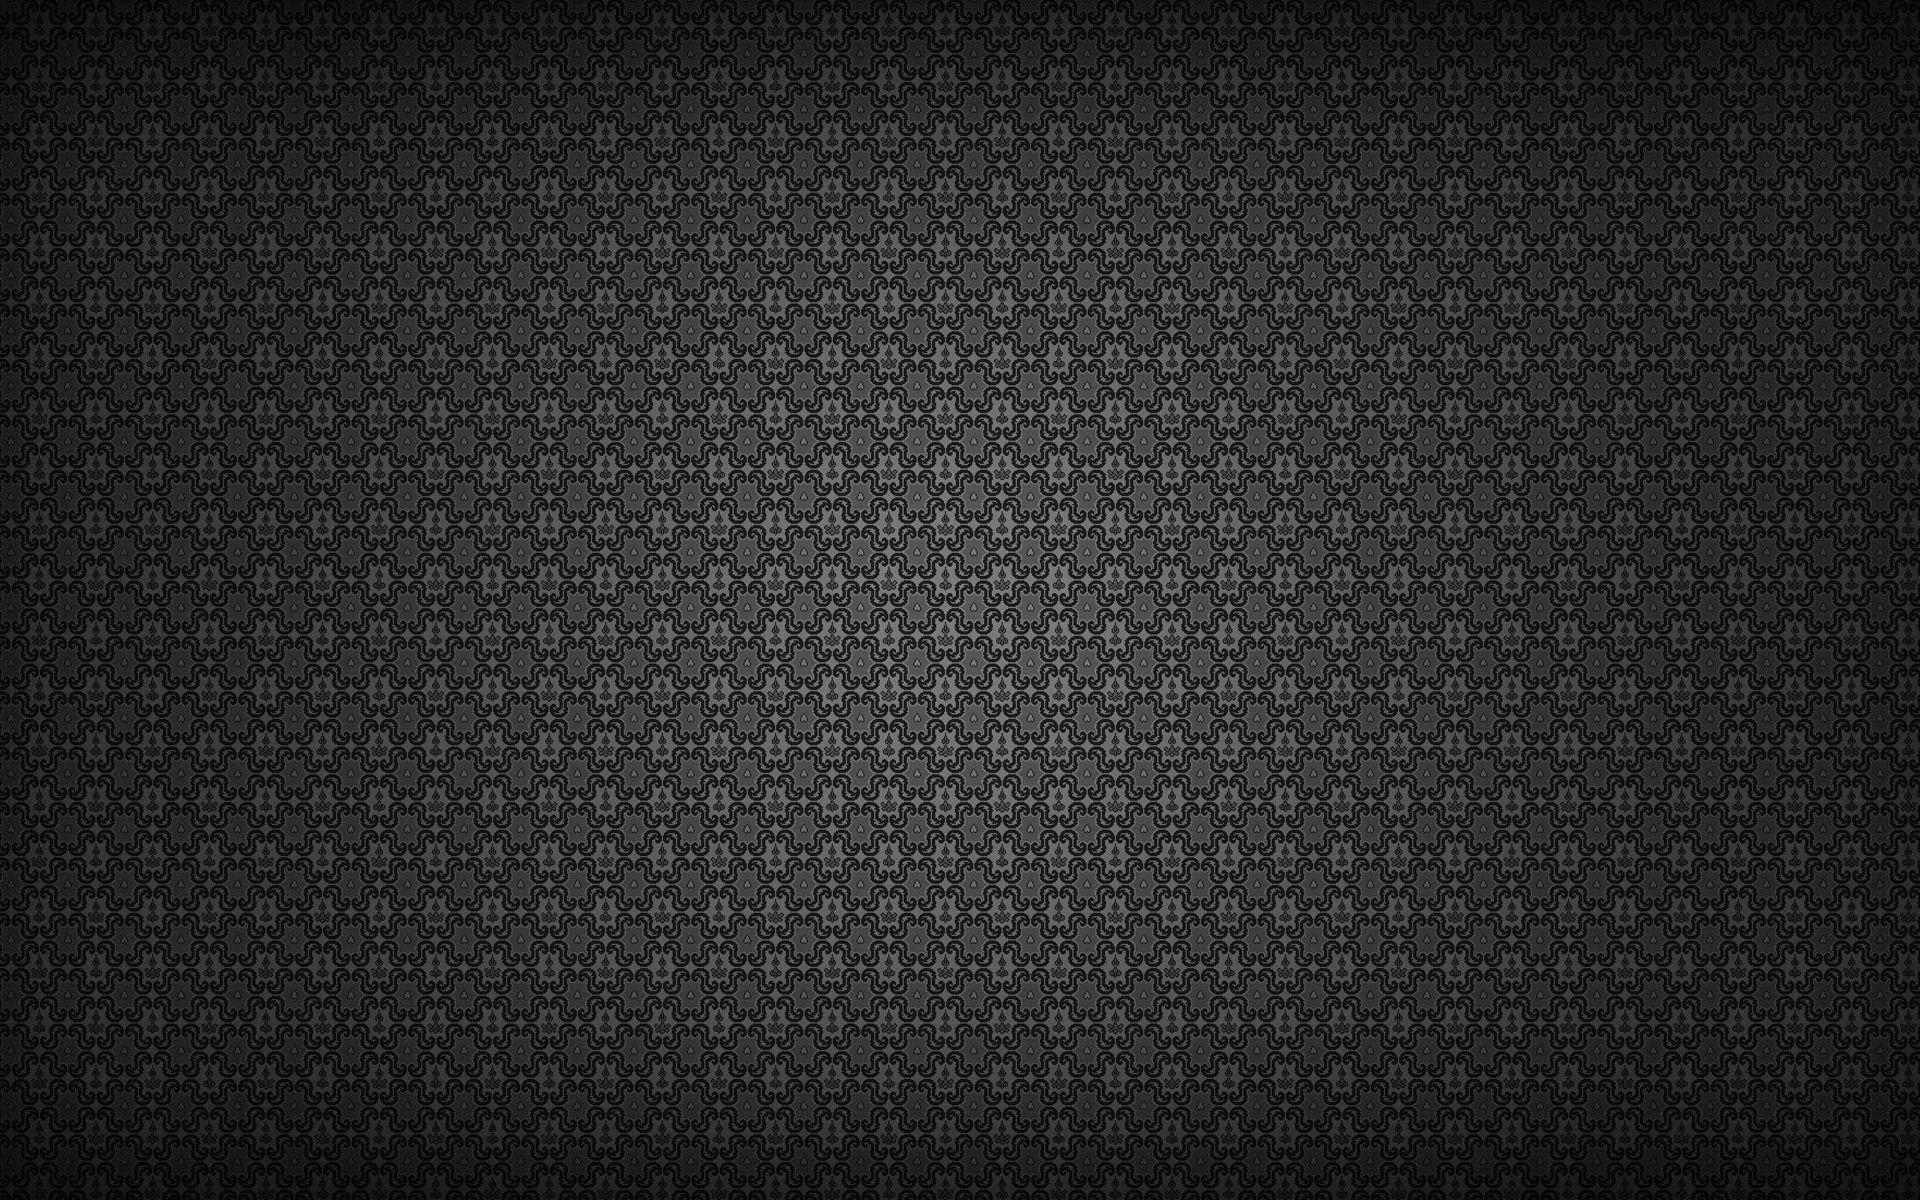 149734 télécharger le fond d'écran Textures, Texture, Style, Créatif, Contexte, Patterns - économiseurs d'écran et images gratuitement